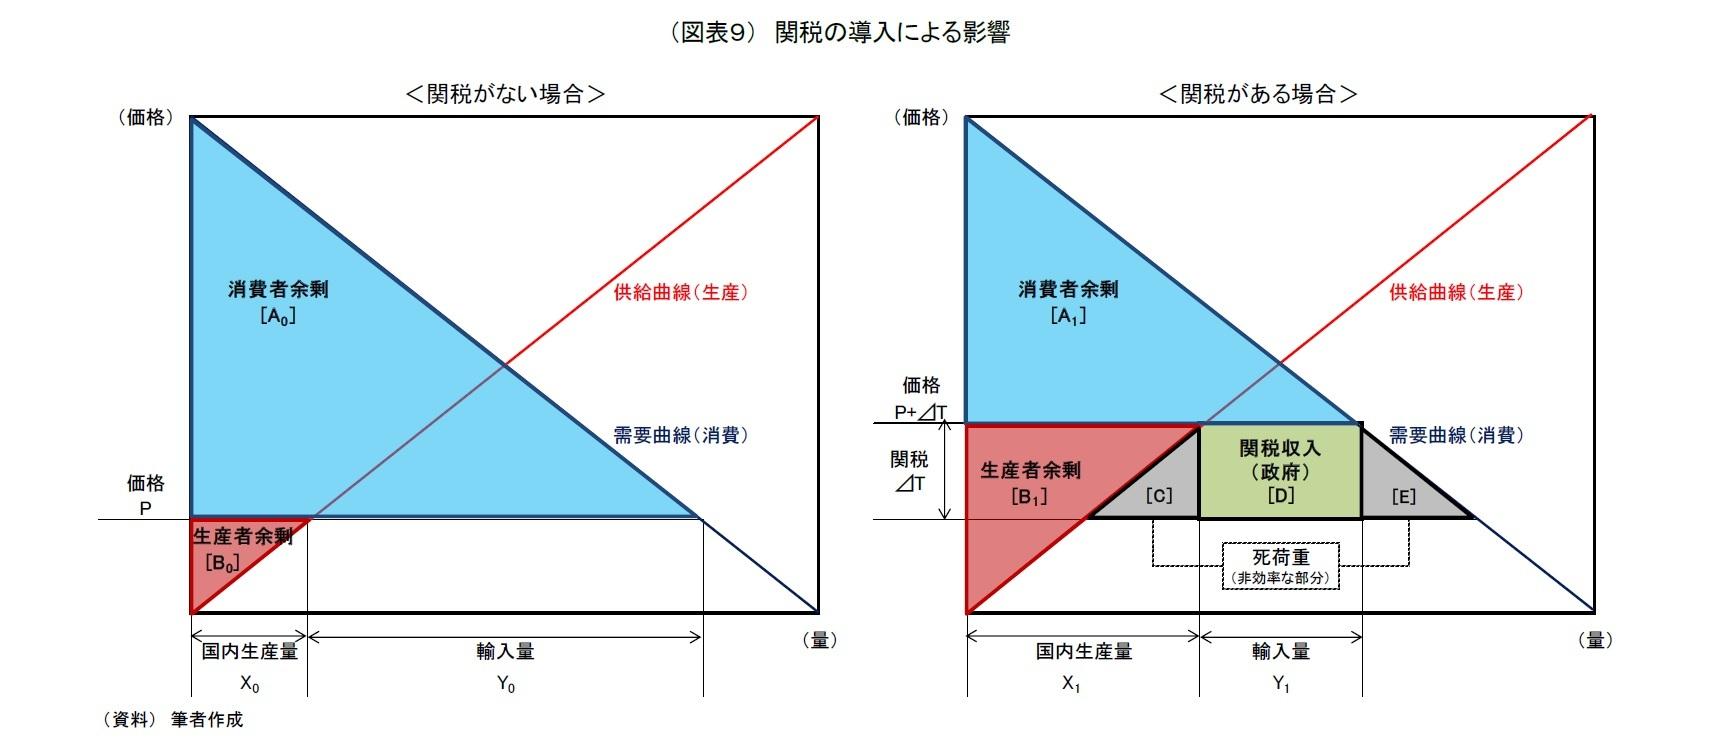 (図表9) 関税の導入による影響